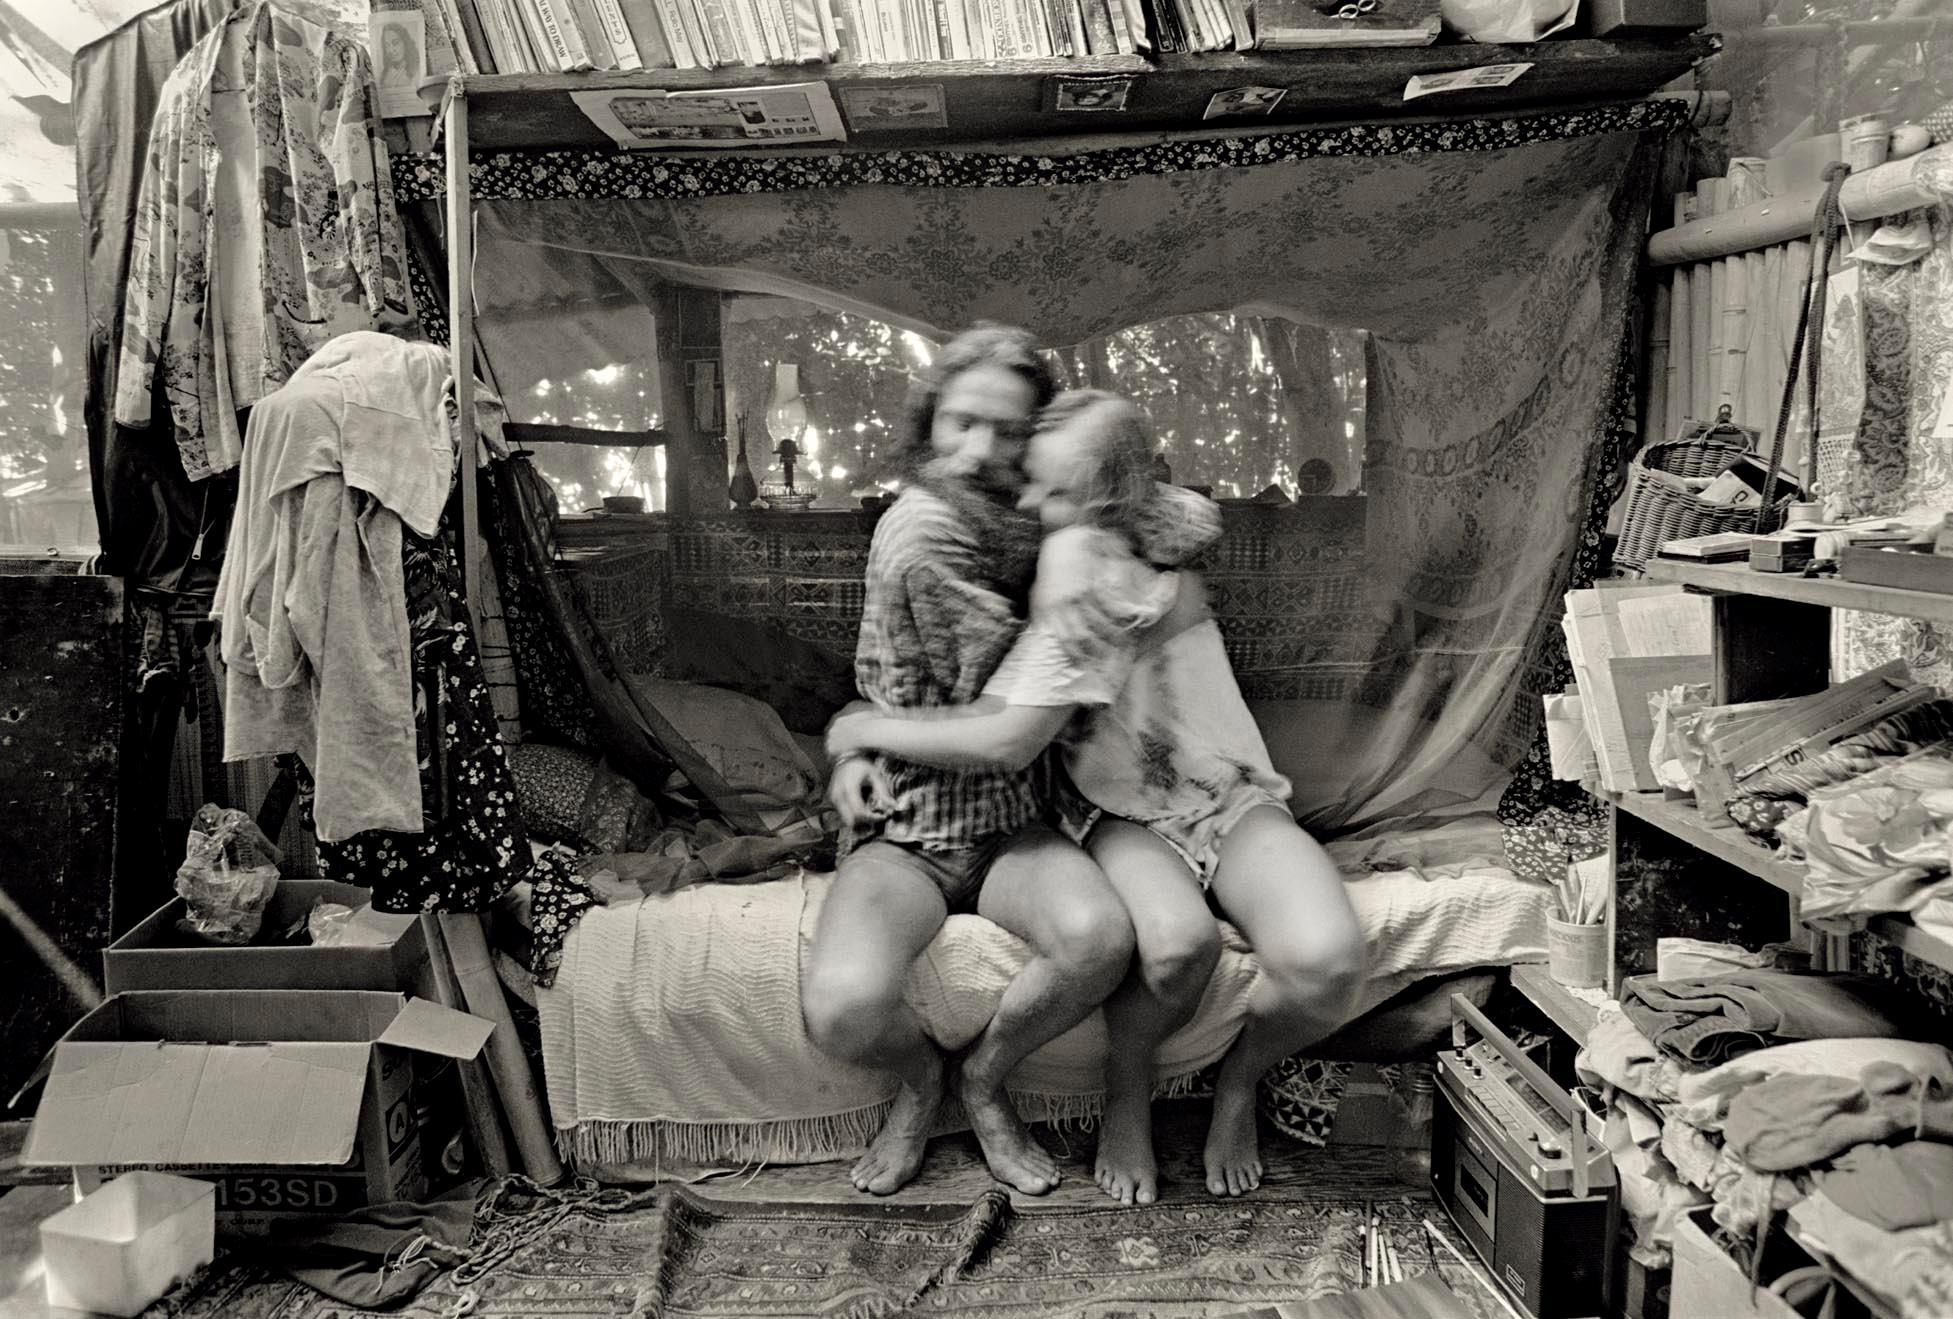 Секс зрелых в деревне рассказы, Секс с тетей в деревне Инцест читать порно 12 фотография